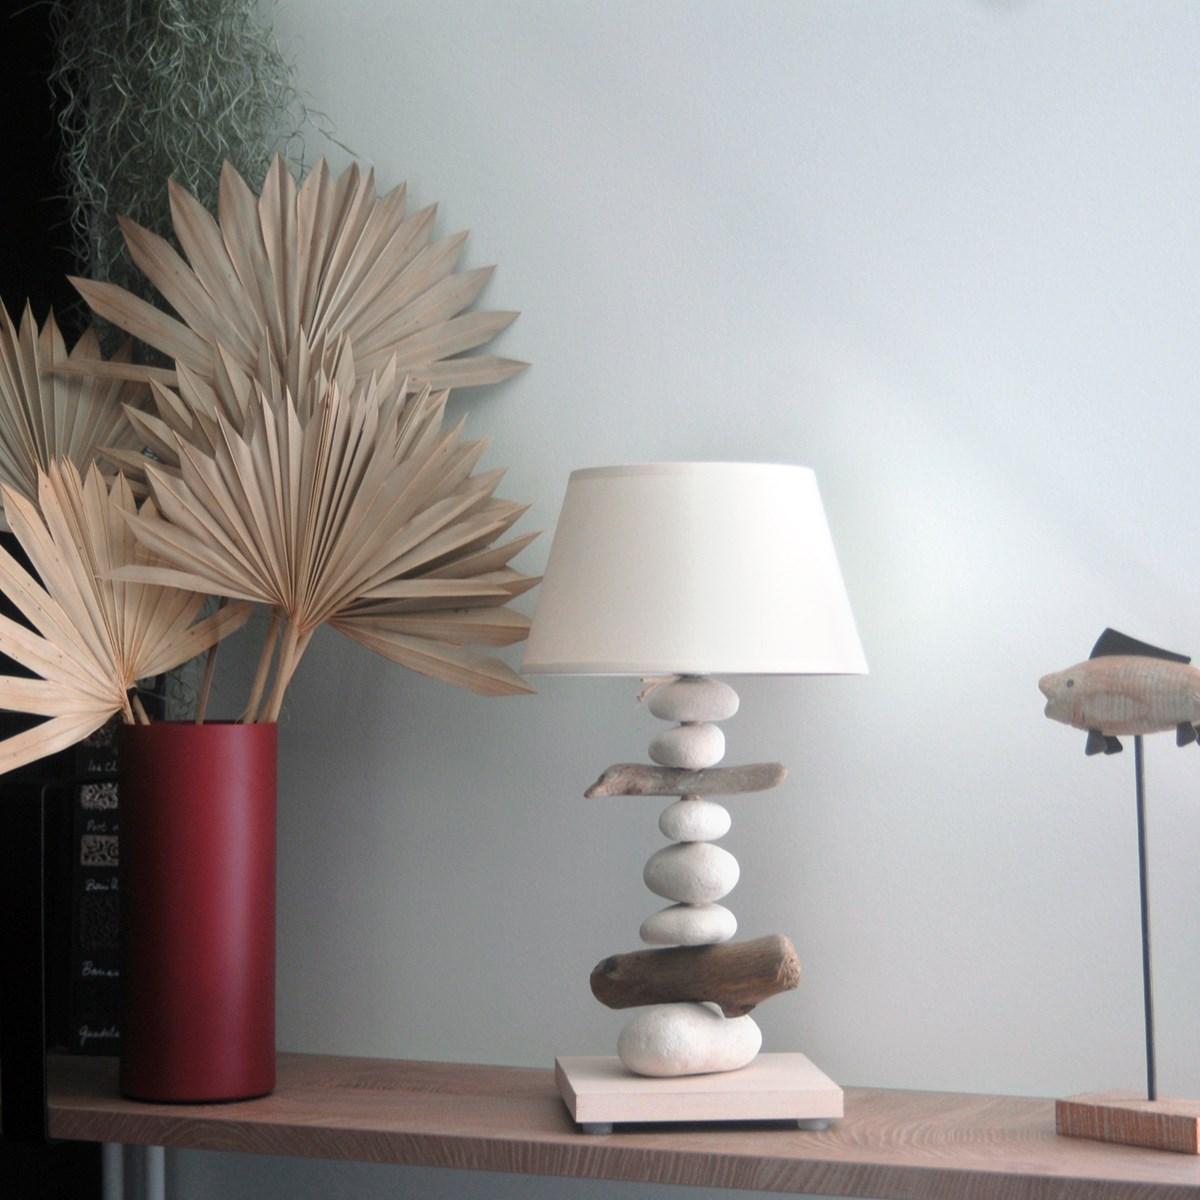 Lampe de chevet en bois blanc cassé